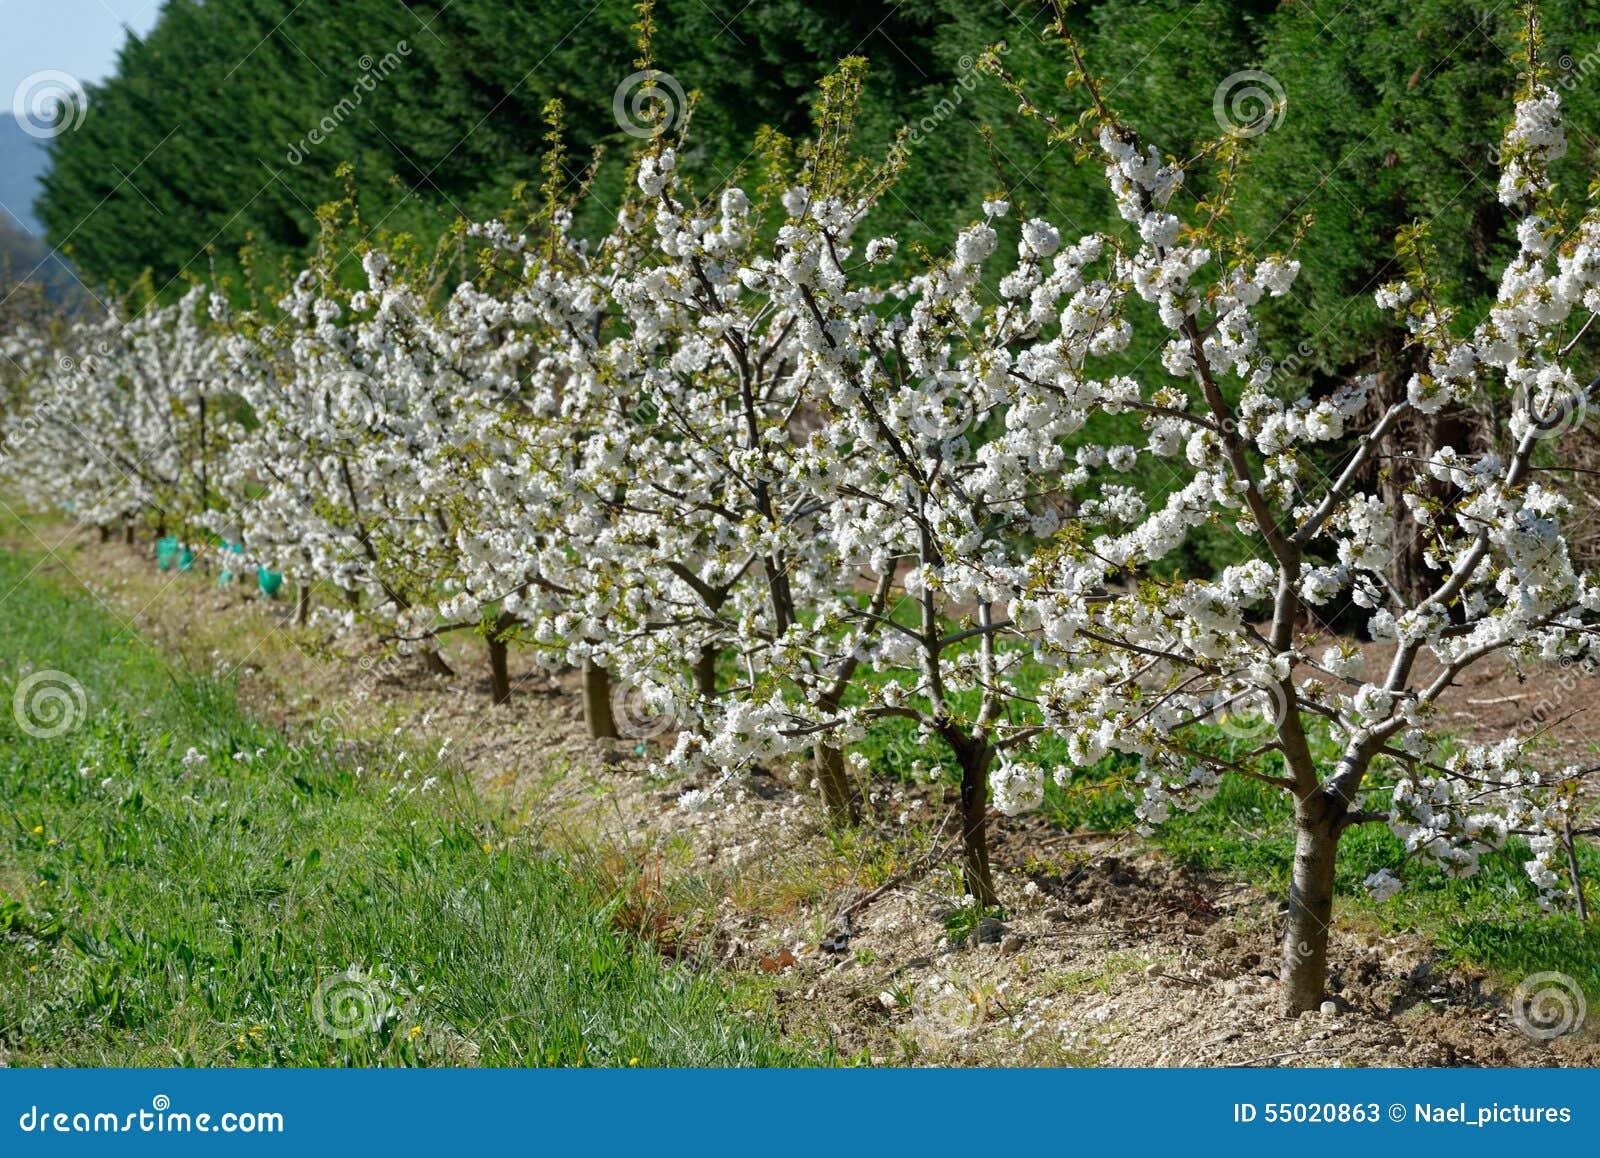 Alberi da frutto fioriti fotografia stock immagine 55020863 for Alberi da frutto prezzi